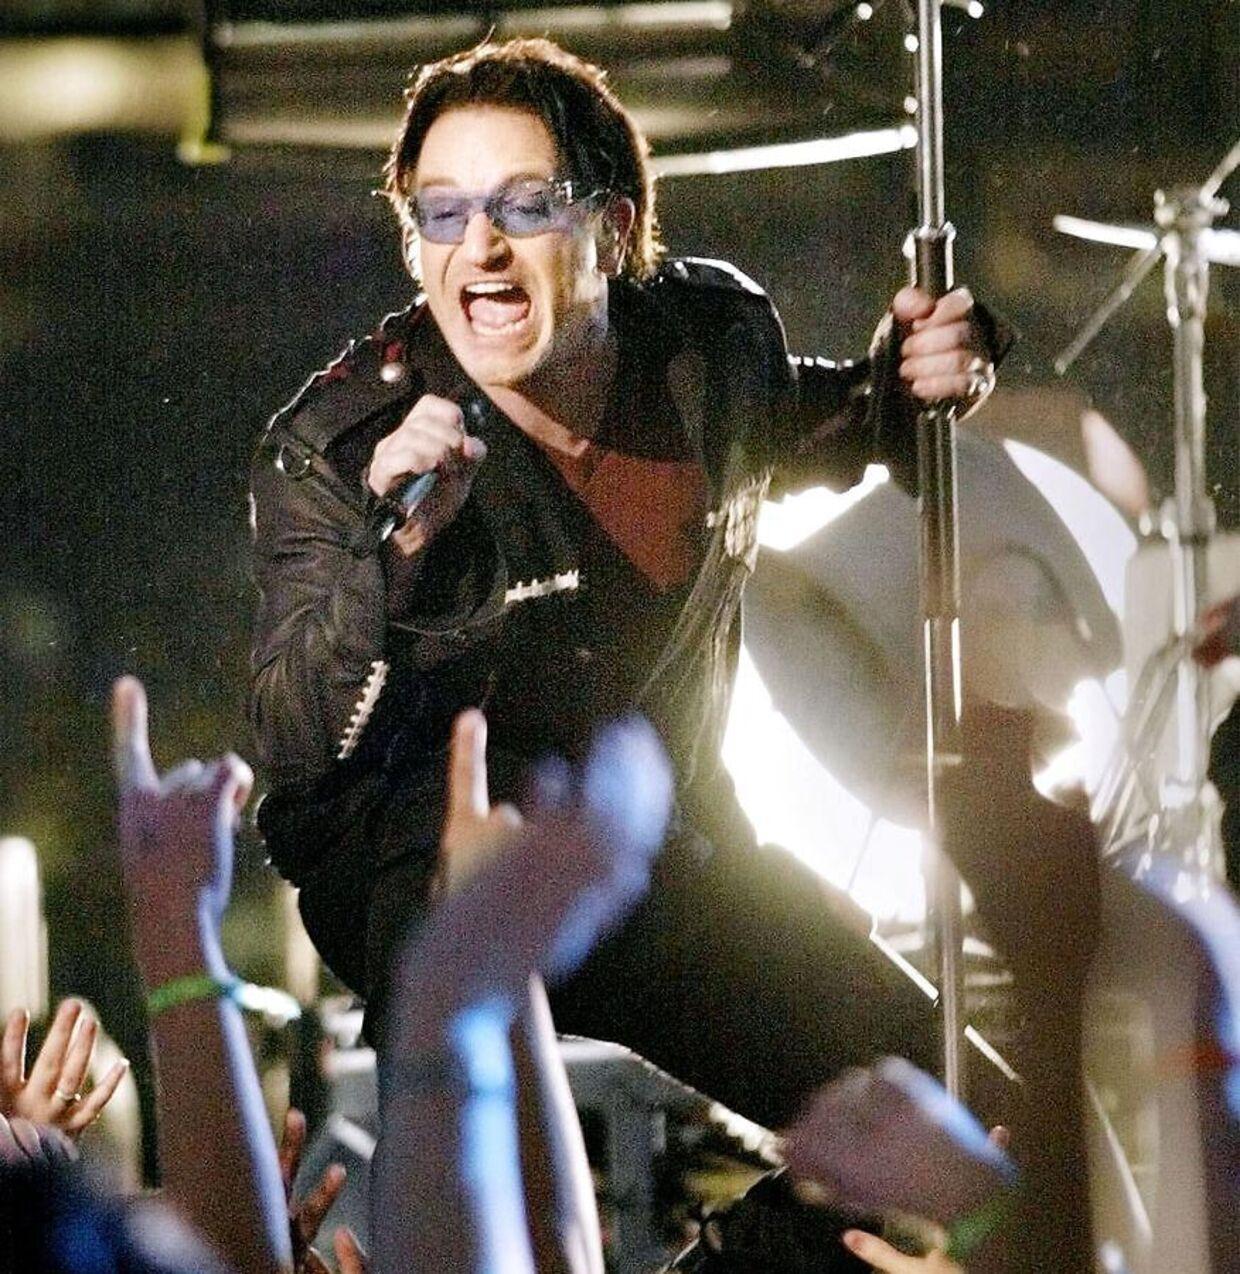 Bono fra den irske gruppe U2 giver koncert ved Super Bowl XXVI i New Orleans i 2002